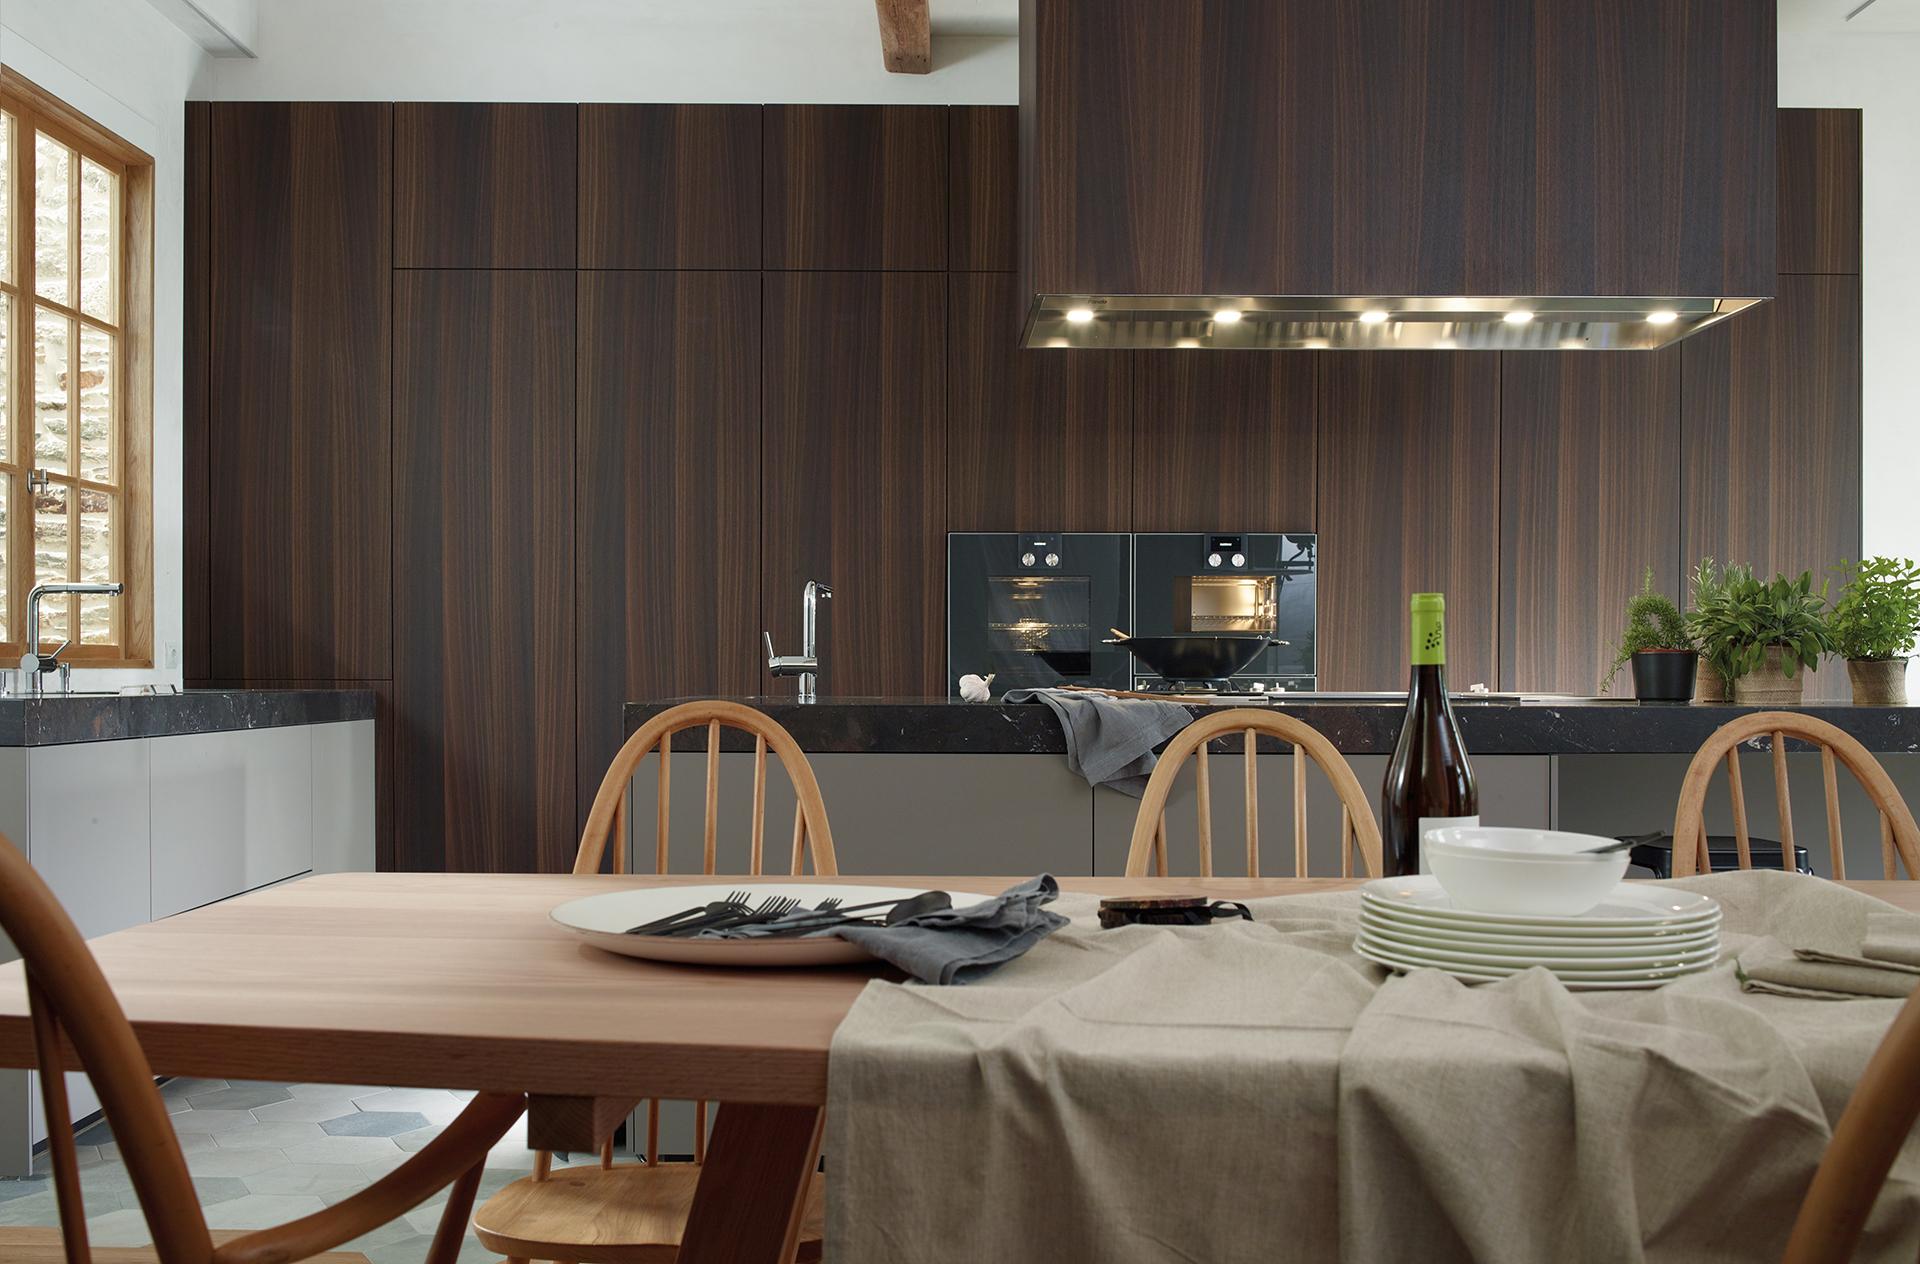 Image distribucion-de-cocinas-santiago-interiores